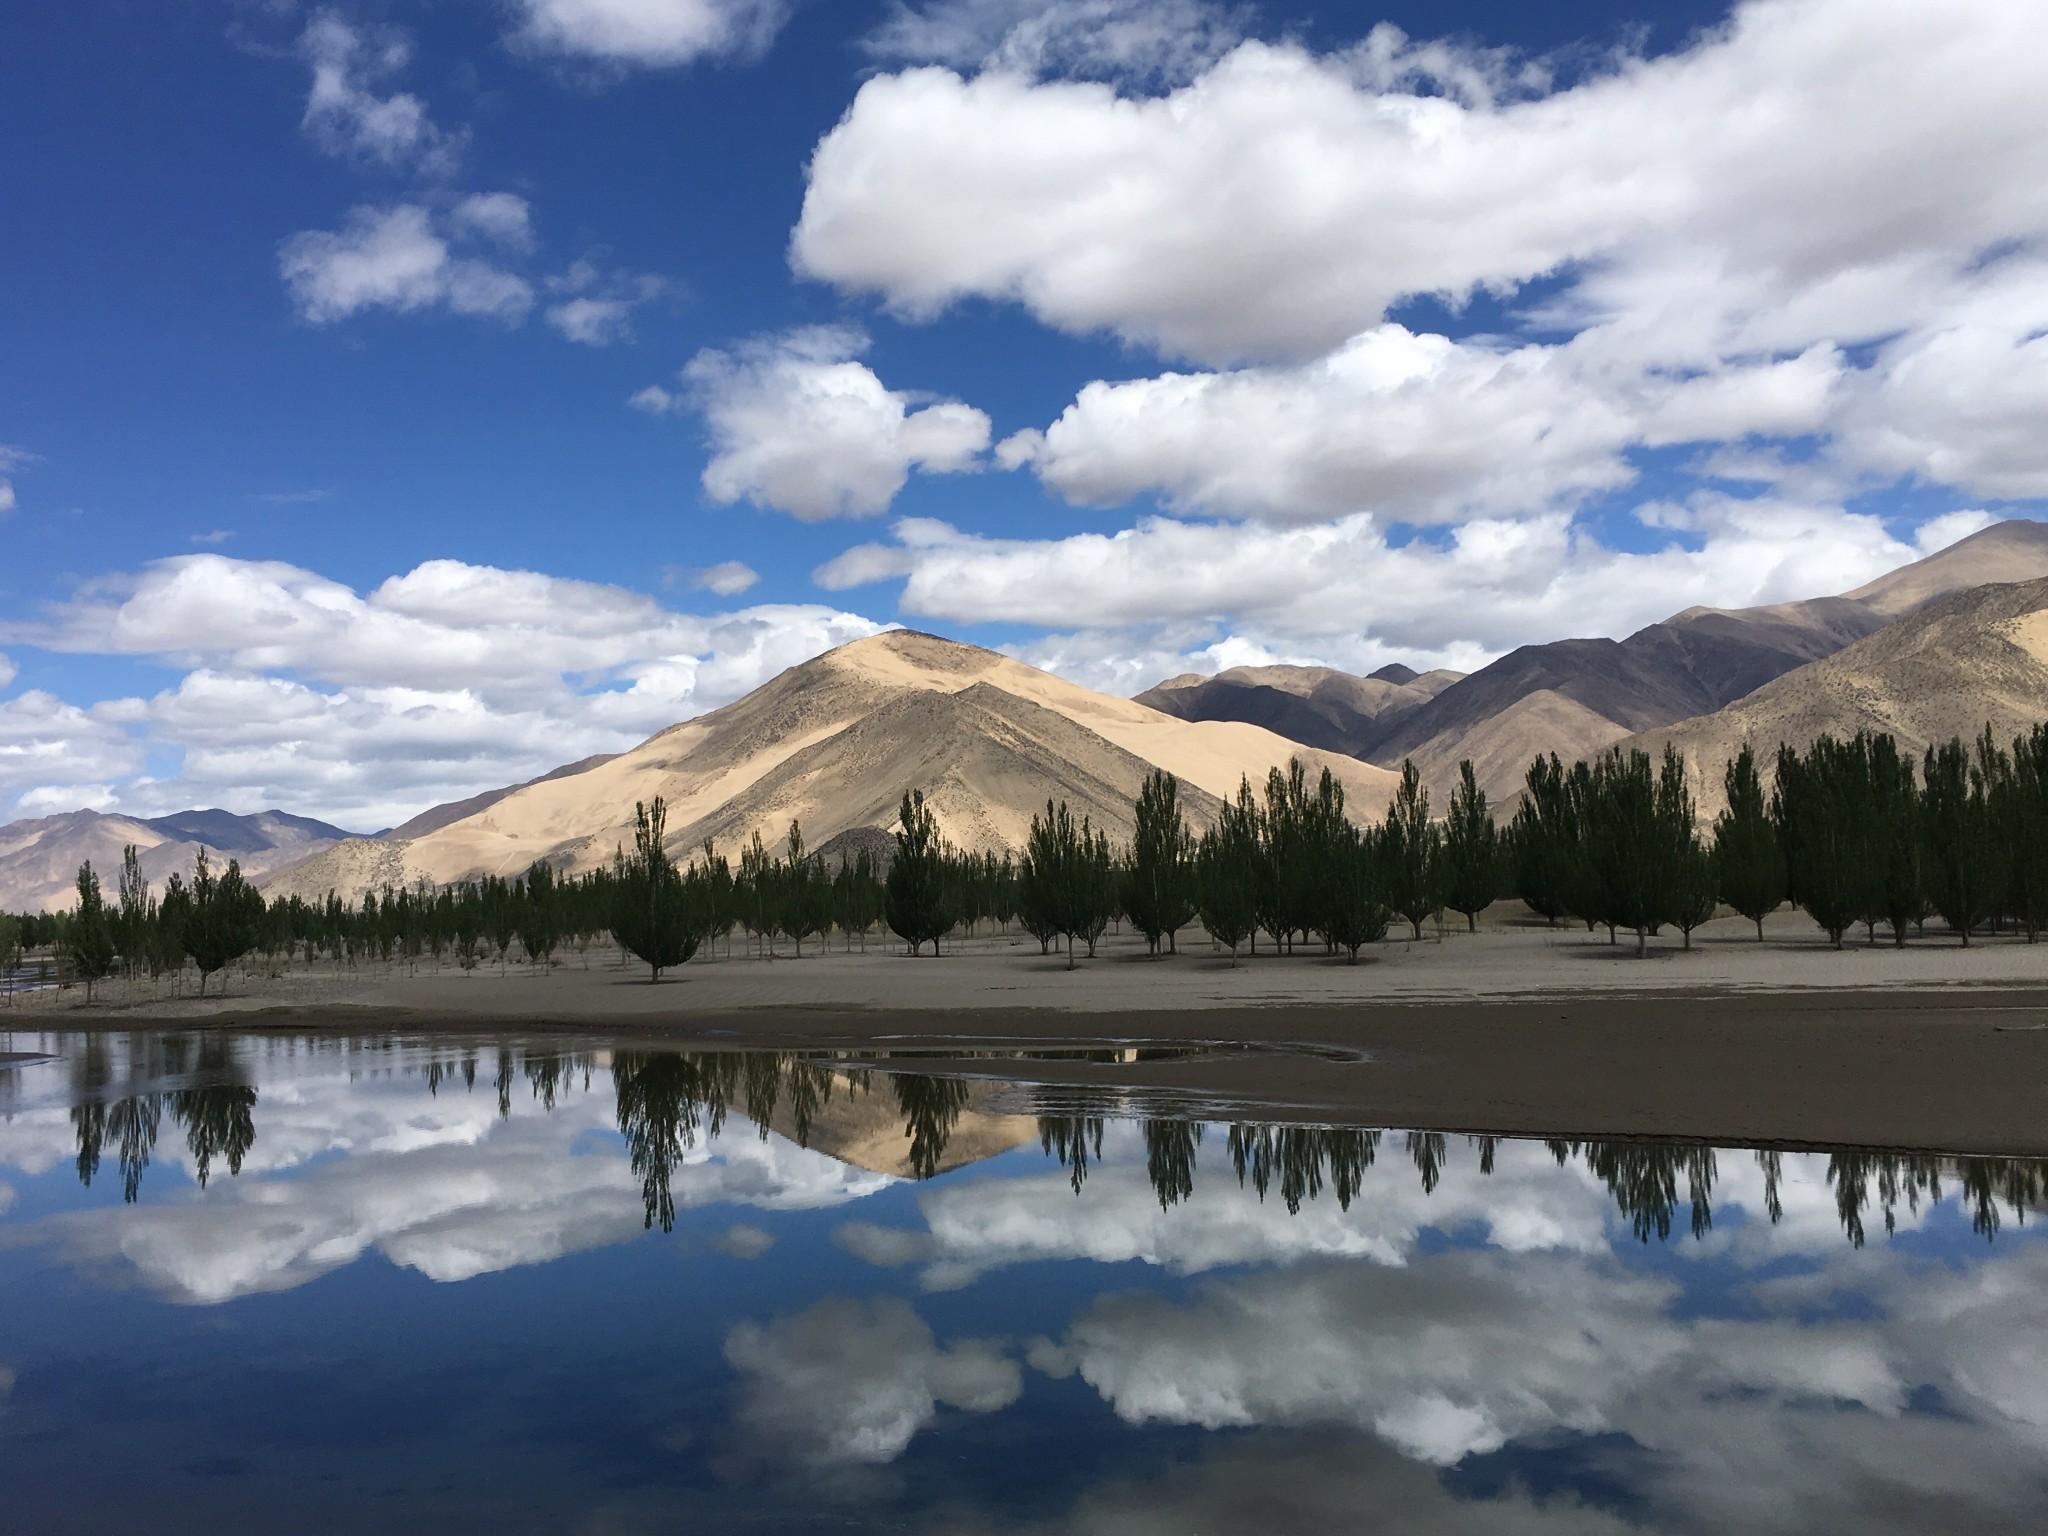 18 这15天是从西藏拉萨到云南普洱 路程: 拉萨—林芝—鲁朗—波密—然